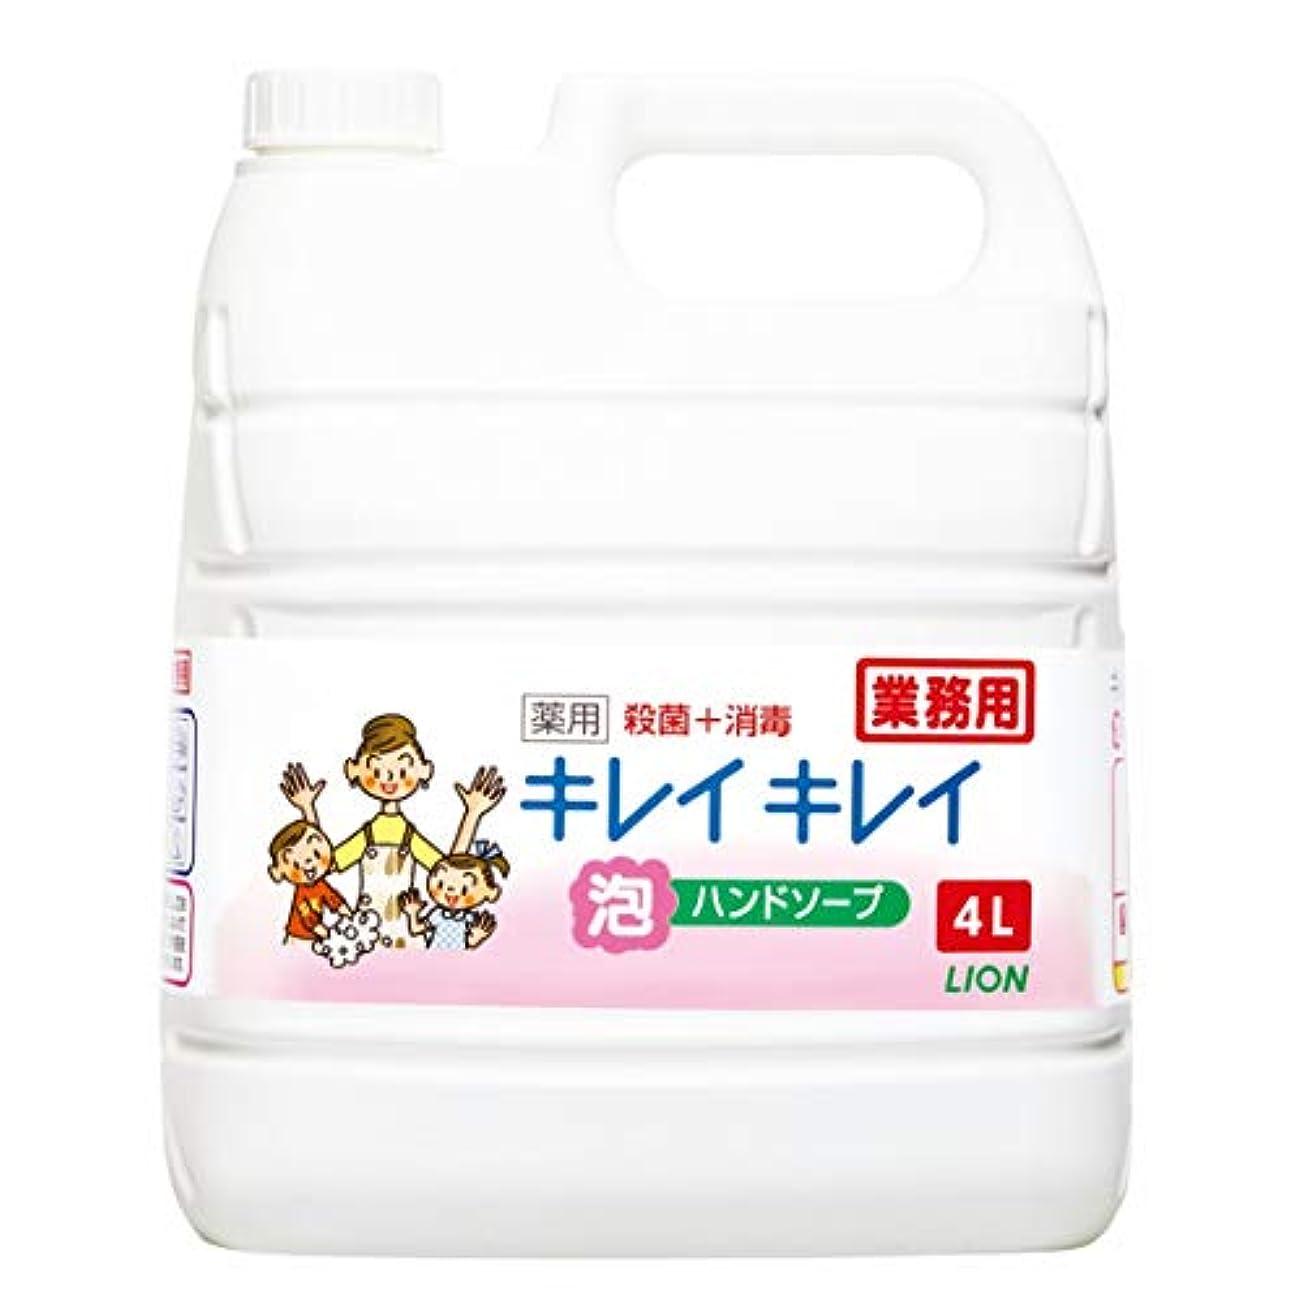 どれ目的綺麗な【業務用 大容量】キレイキレイ 薬用 泡ハンドソープ シトラスフルーティの香り 液体 単品 4L(医薬部外品)